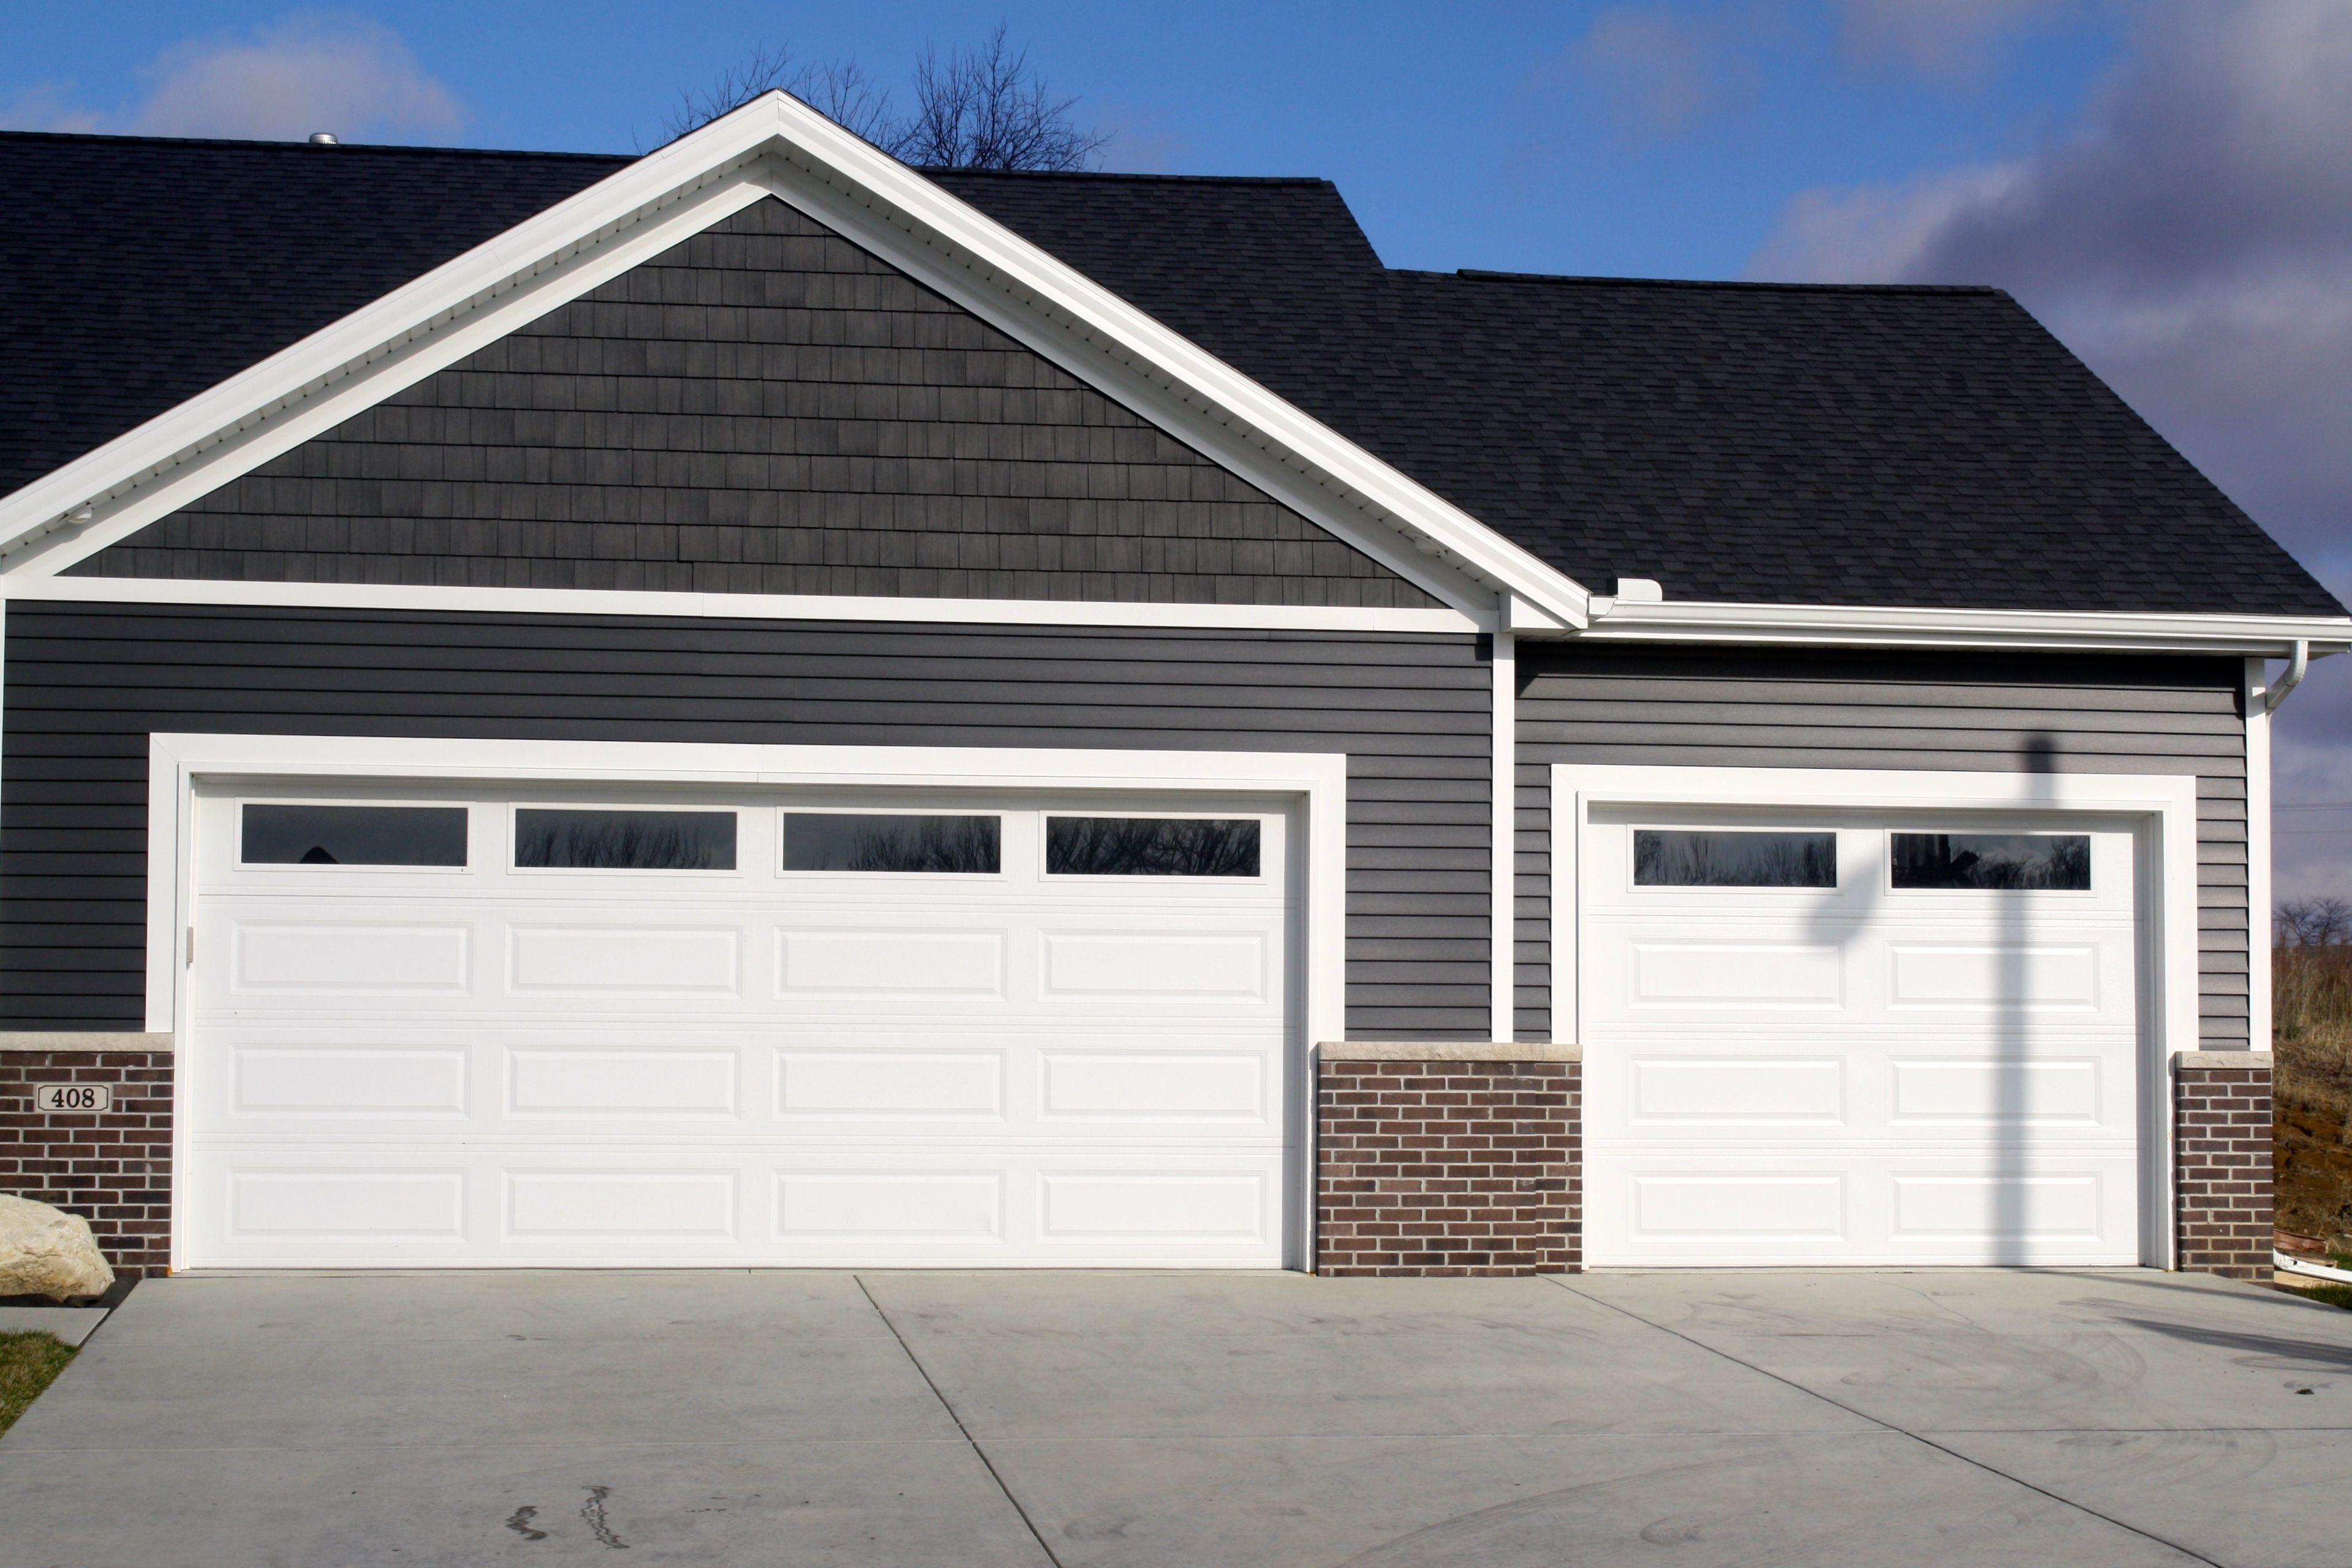 Superb Garage Doors With Man Door Garage Door Hinges Garage Doors Side Hinged Garage Doors